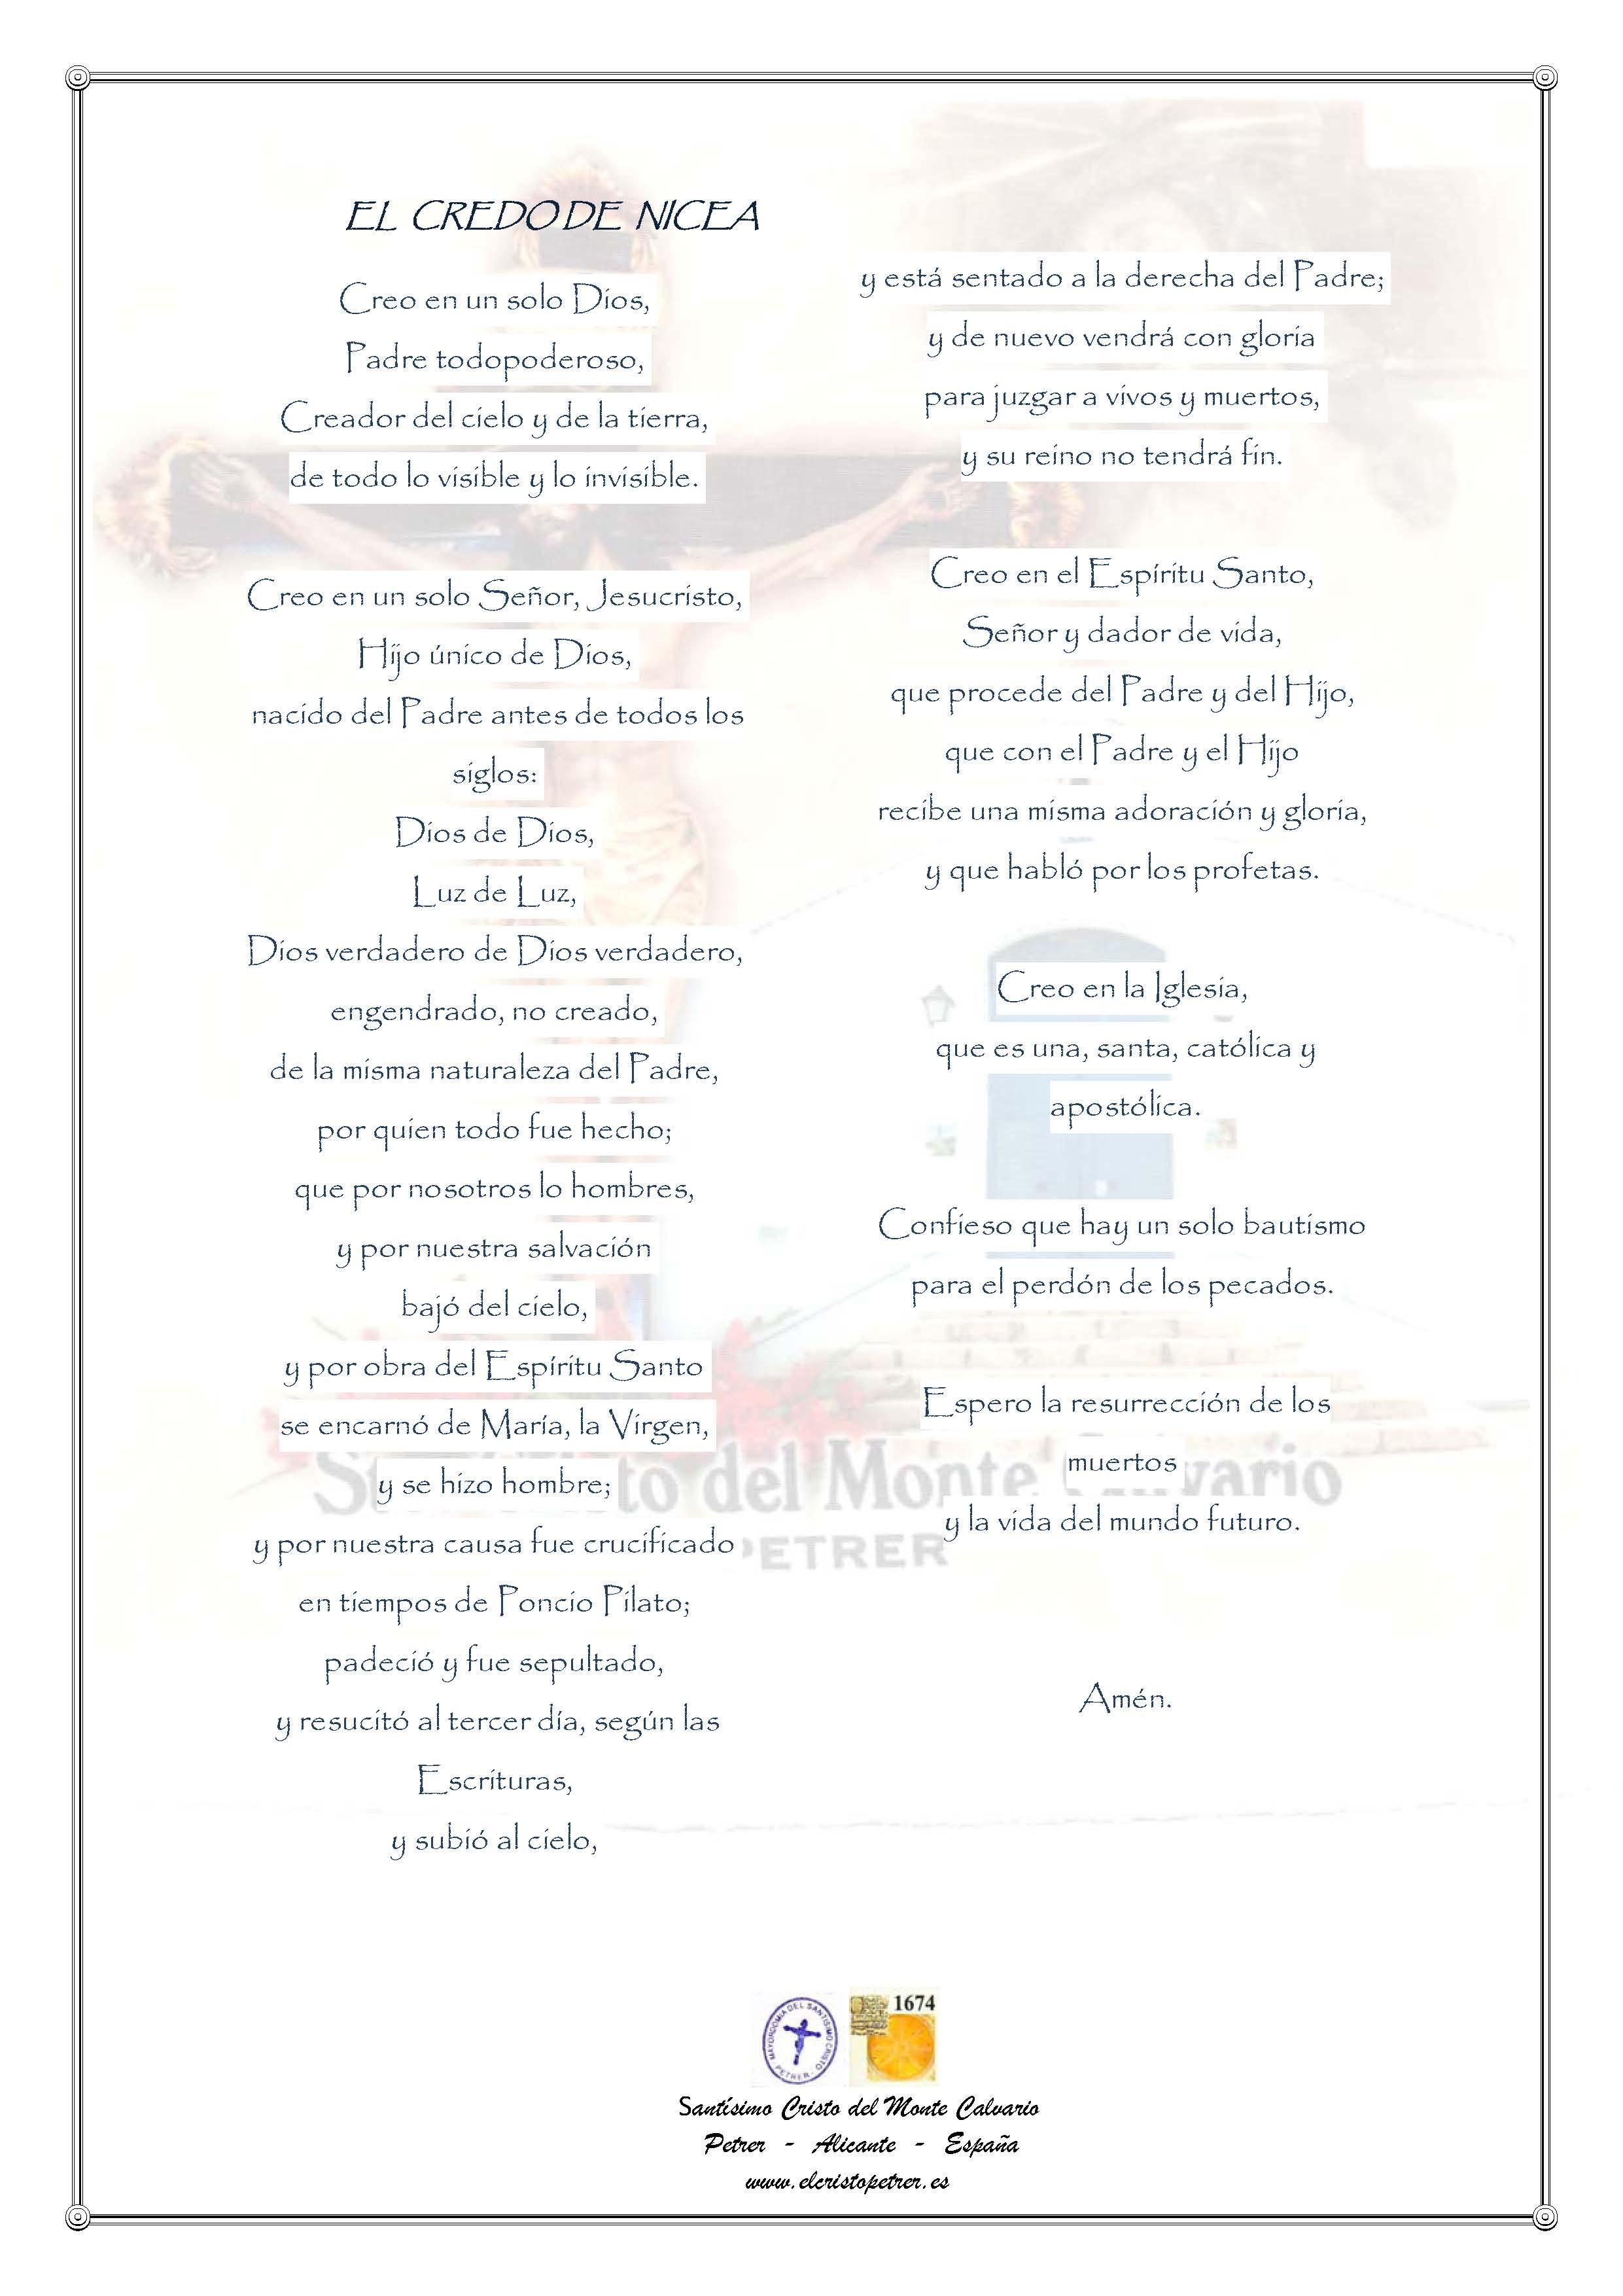 ElCristo - Oraciones - Iglesia - Concilio de Nicea - El Credo de NICEA-CONSTANTINOPLA